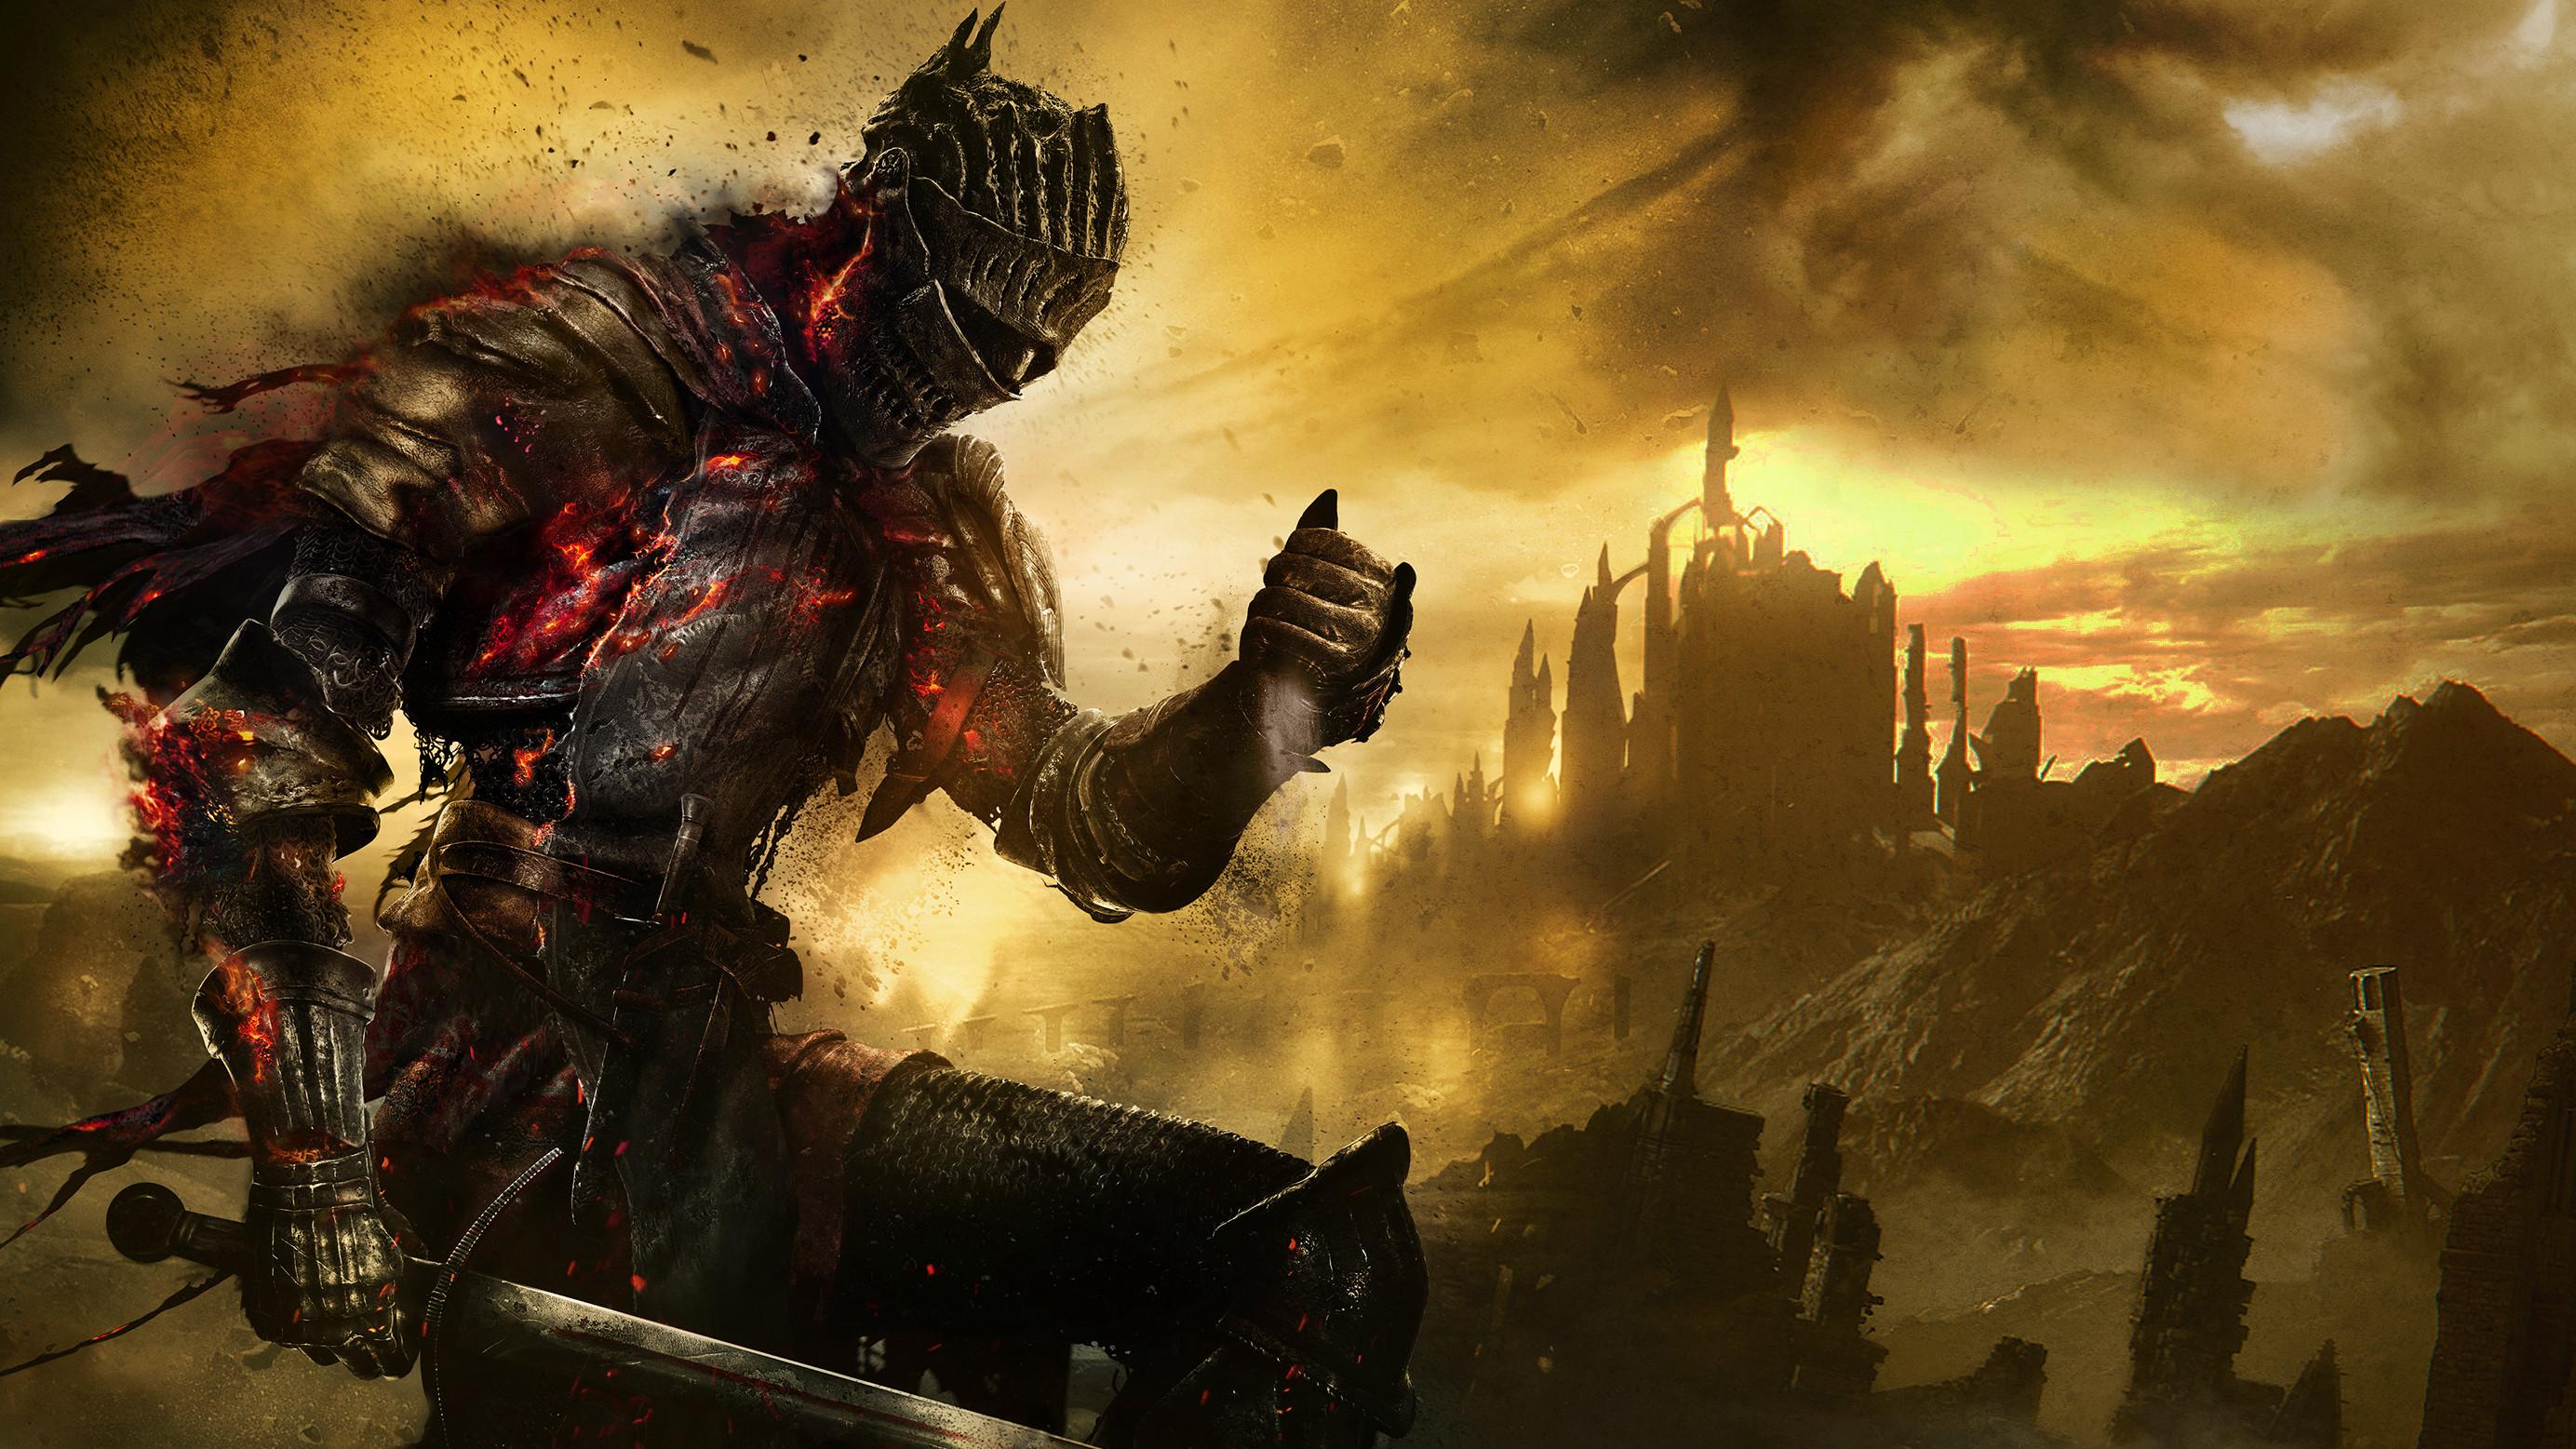 Dark Souls III Game Wallpaper